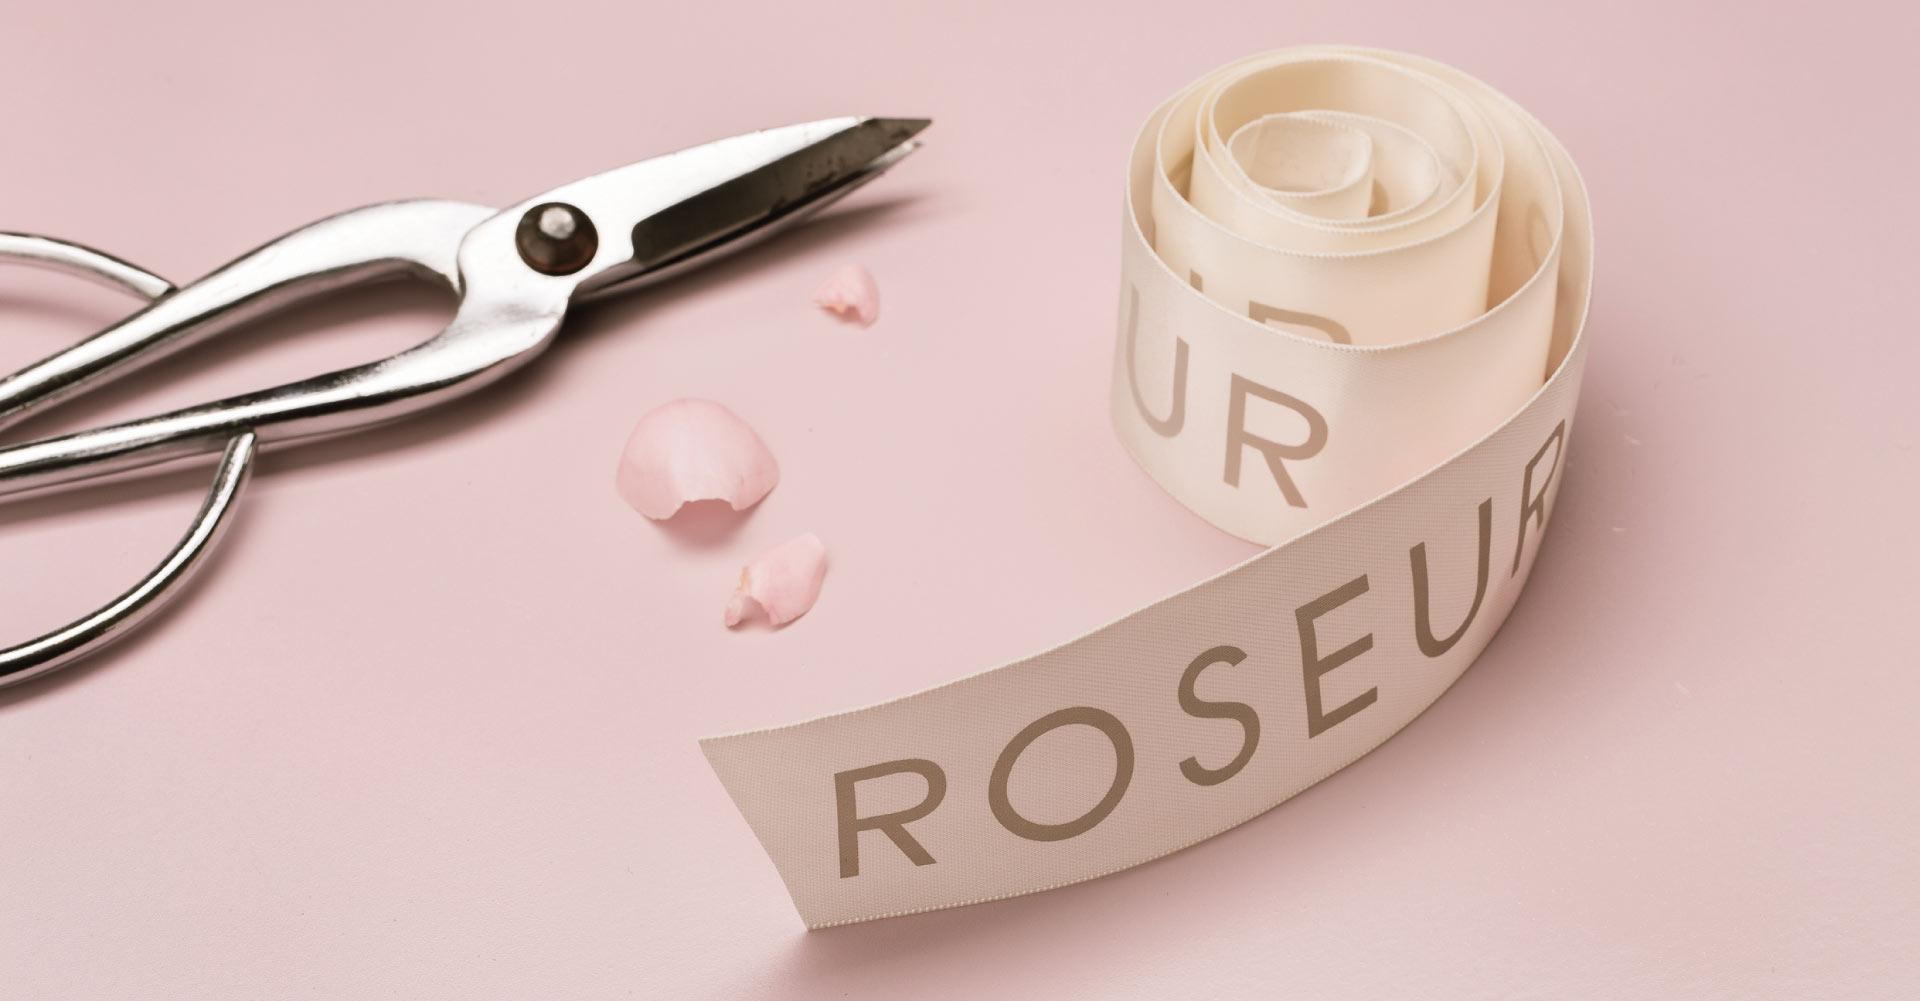 Creative_Retail_Packaging_Custom_Luxury_Packaging_Design_Roseur-13.jpg